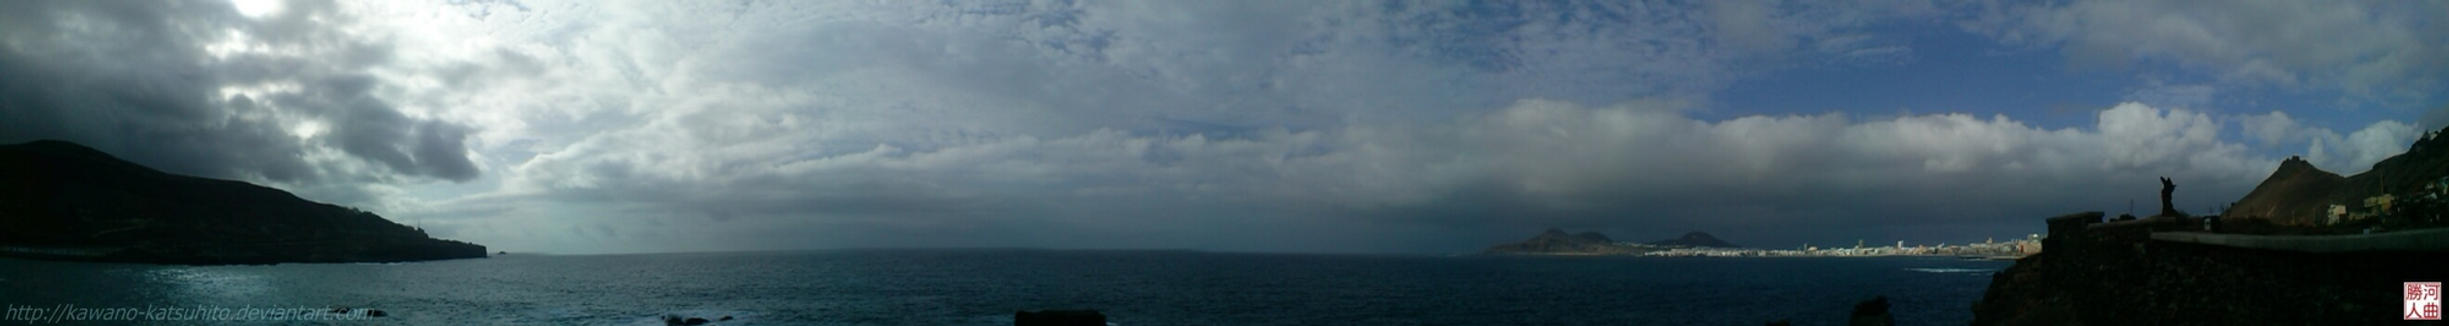 Panorama of North Gran Canaria by kawano-katsuhito